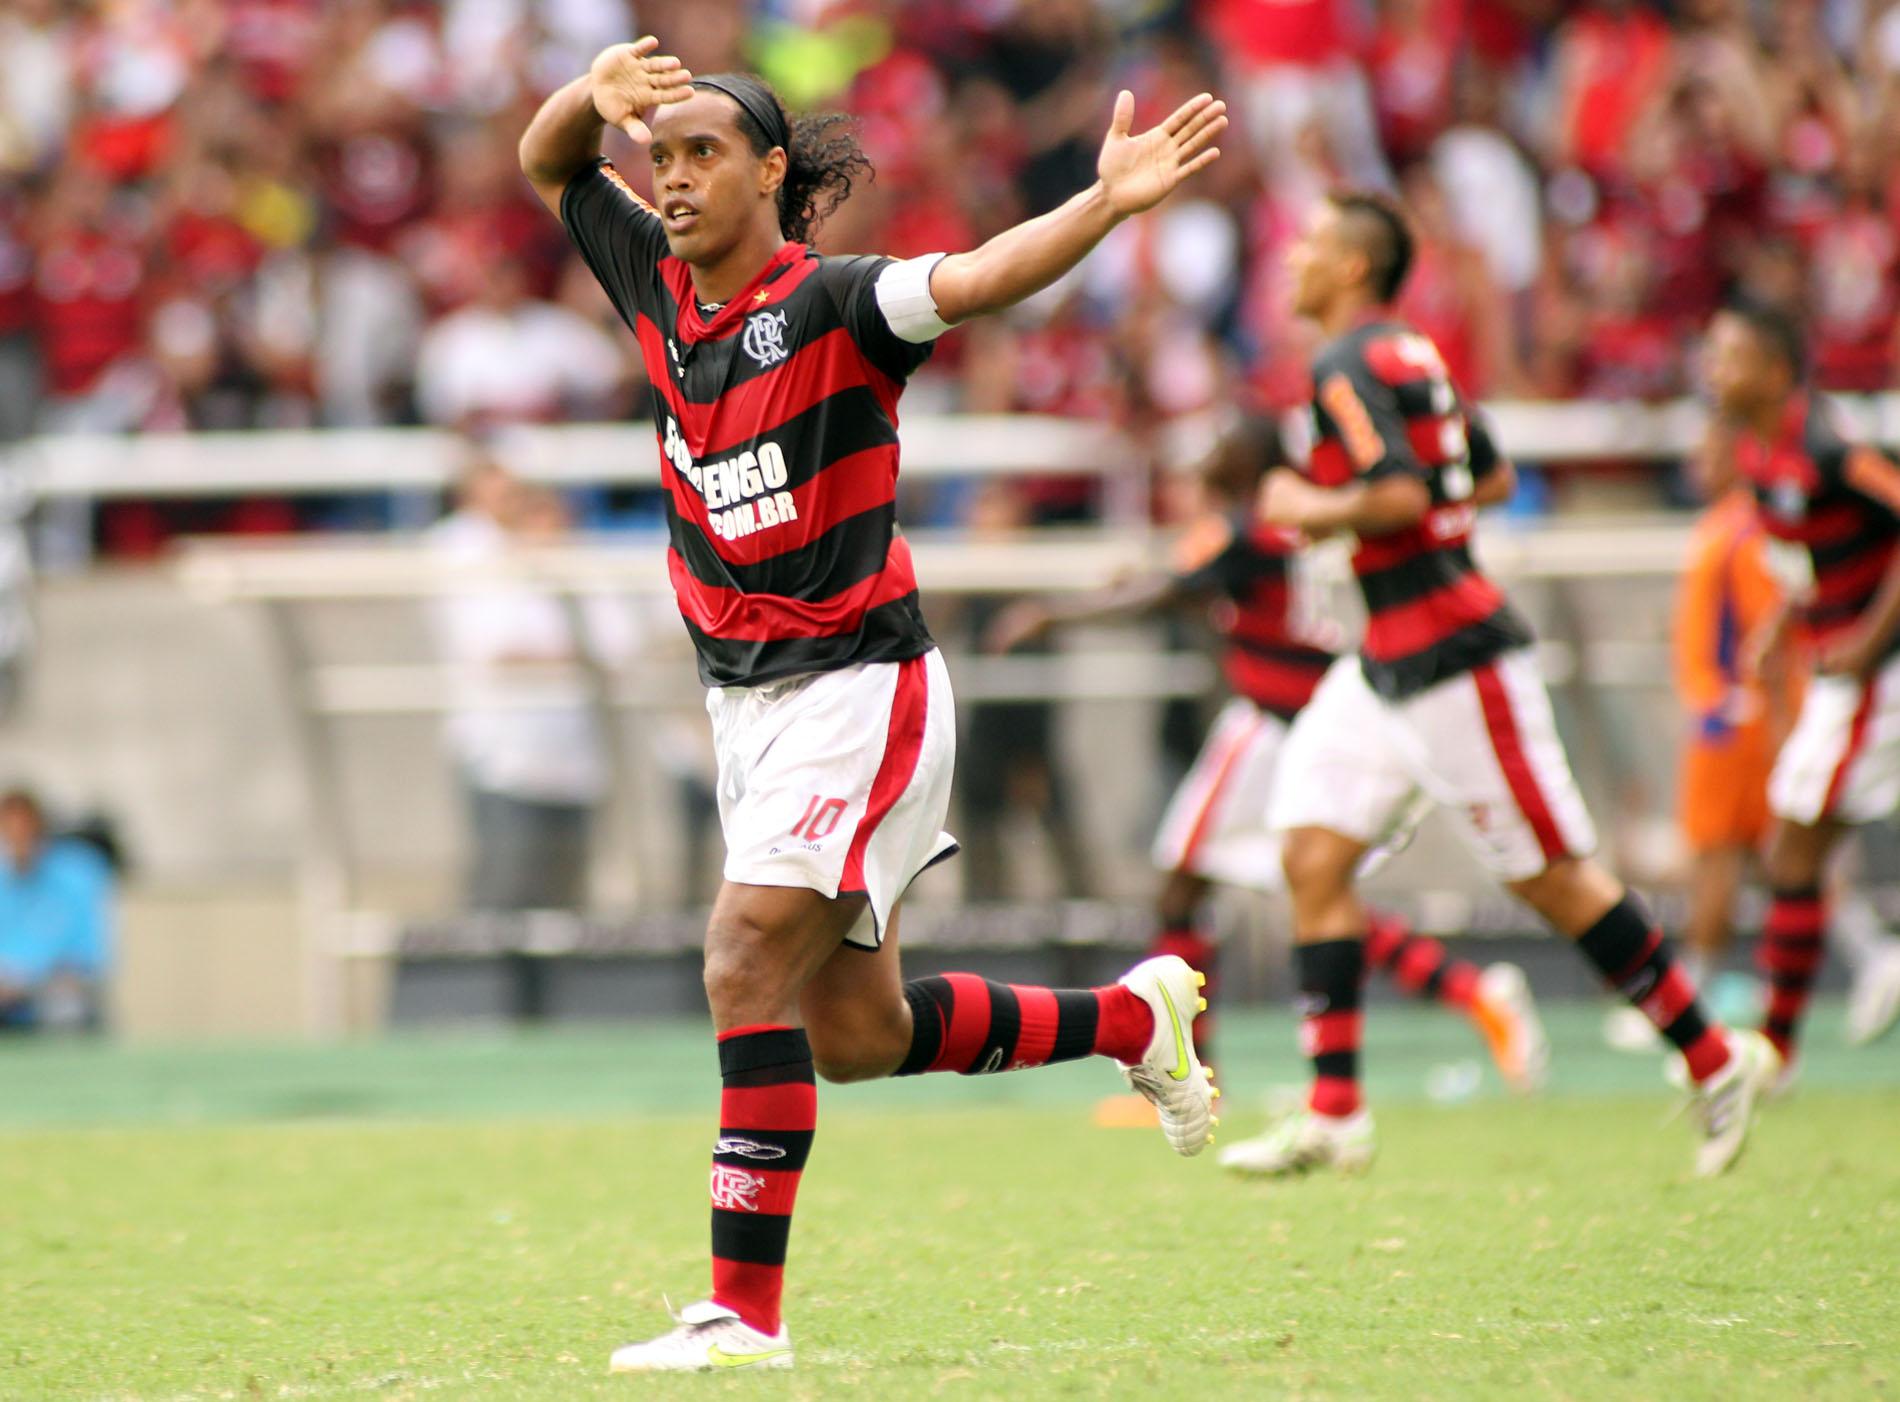 EXCLUSIVO: Ronaldinho Gaúcho também vira opção pra vestir a 10 do Mengão